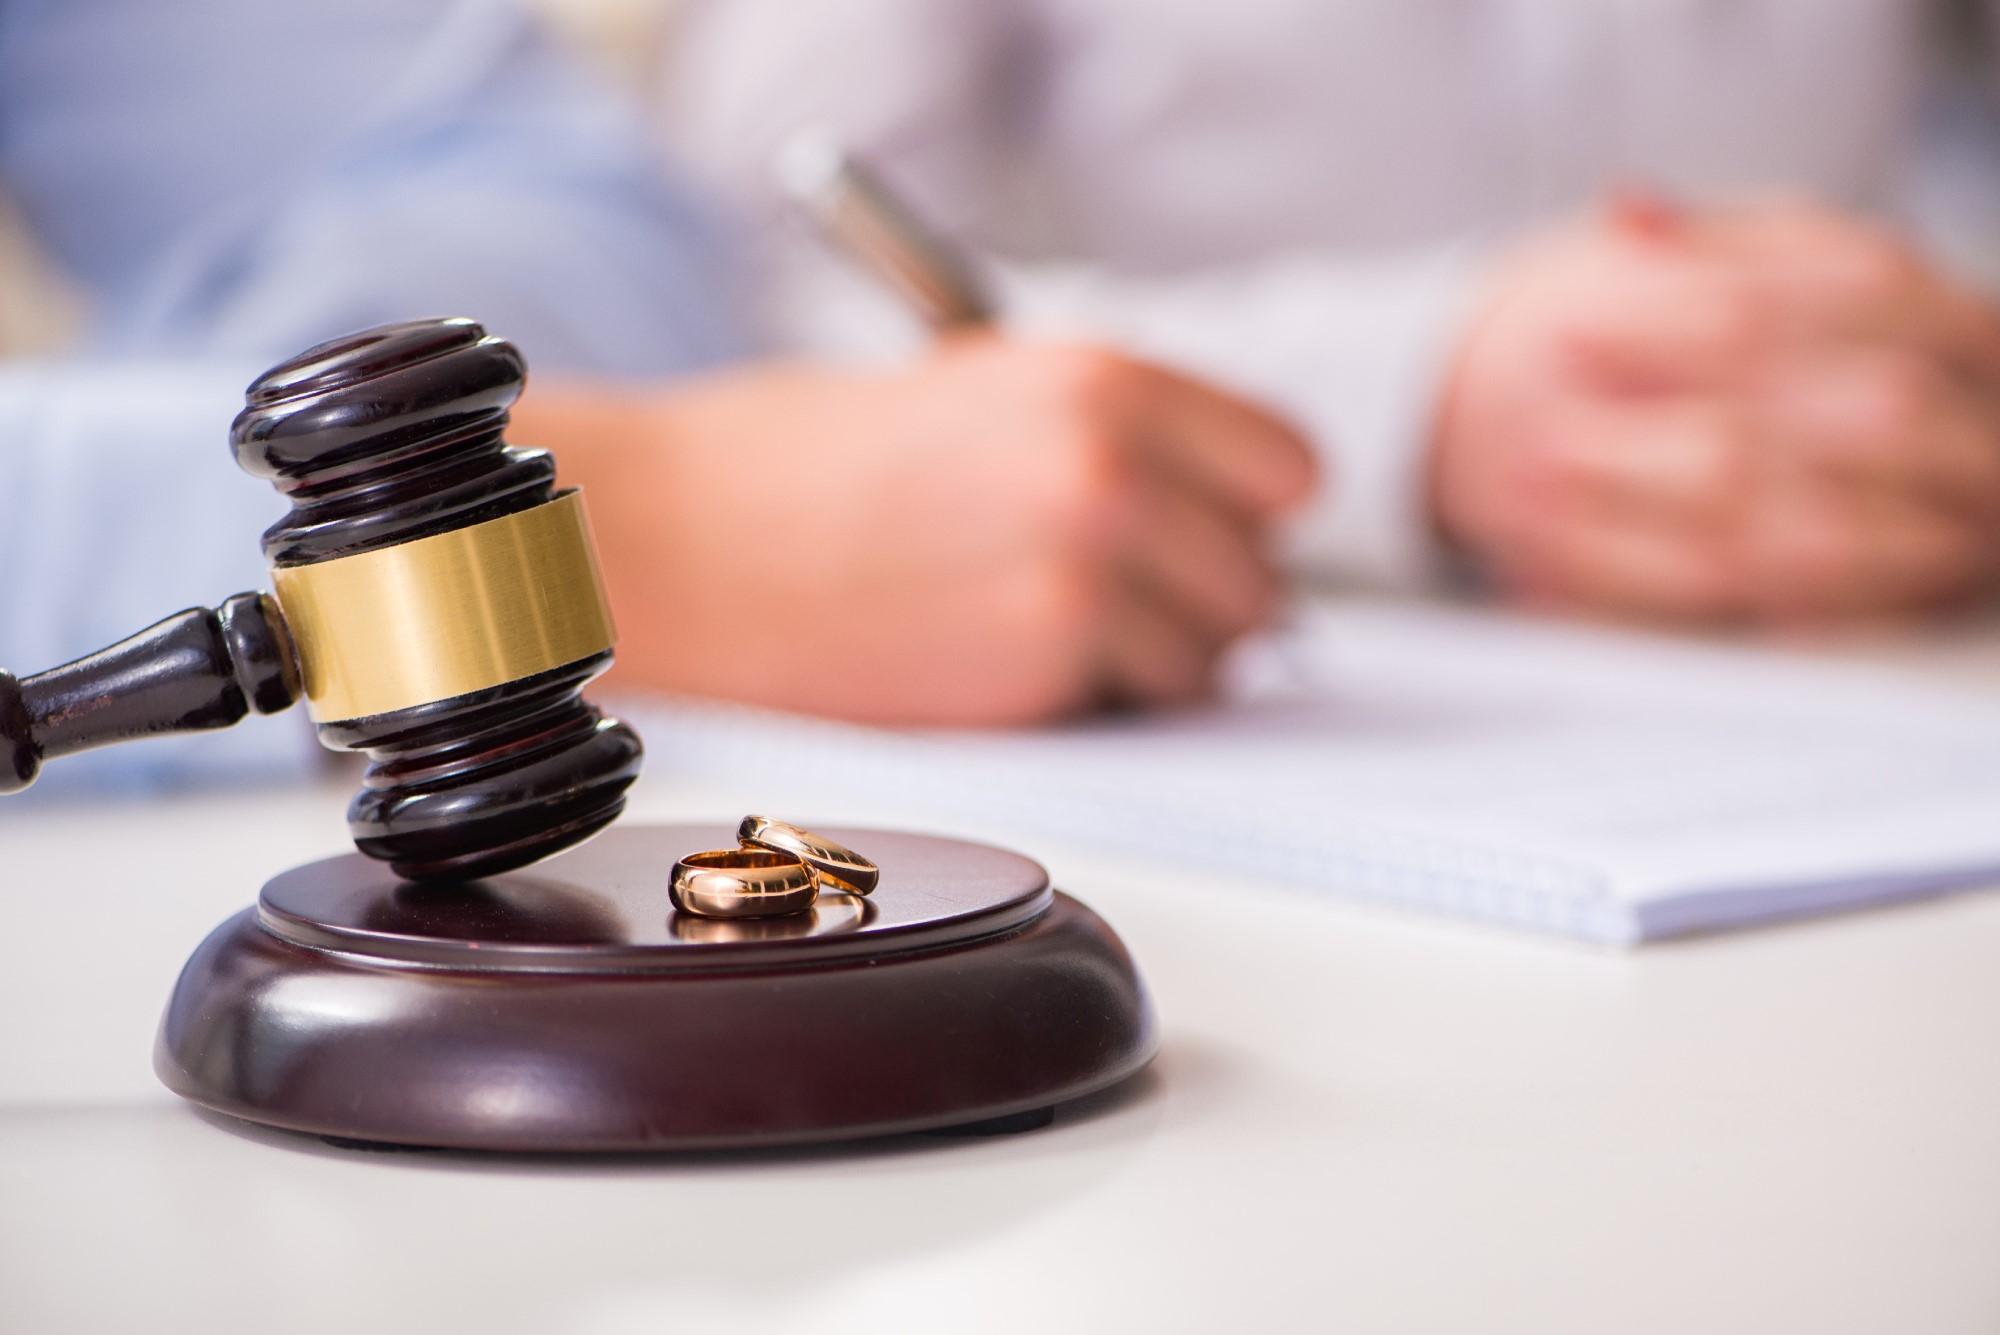 Comunione dei beni: cosa accade in caso di separazione legale dei coniugi 1